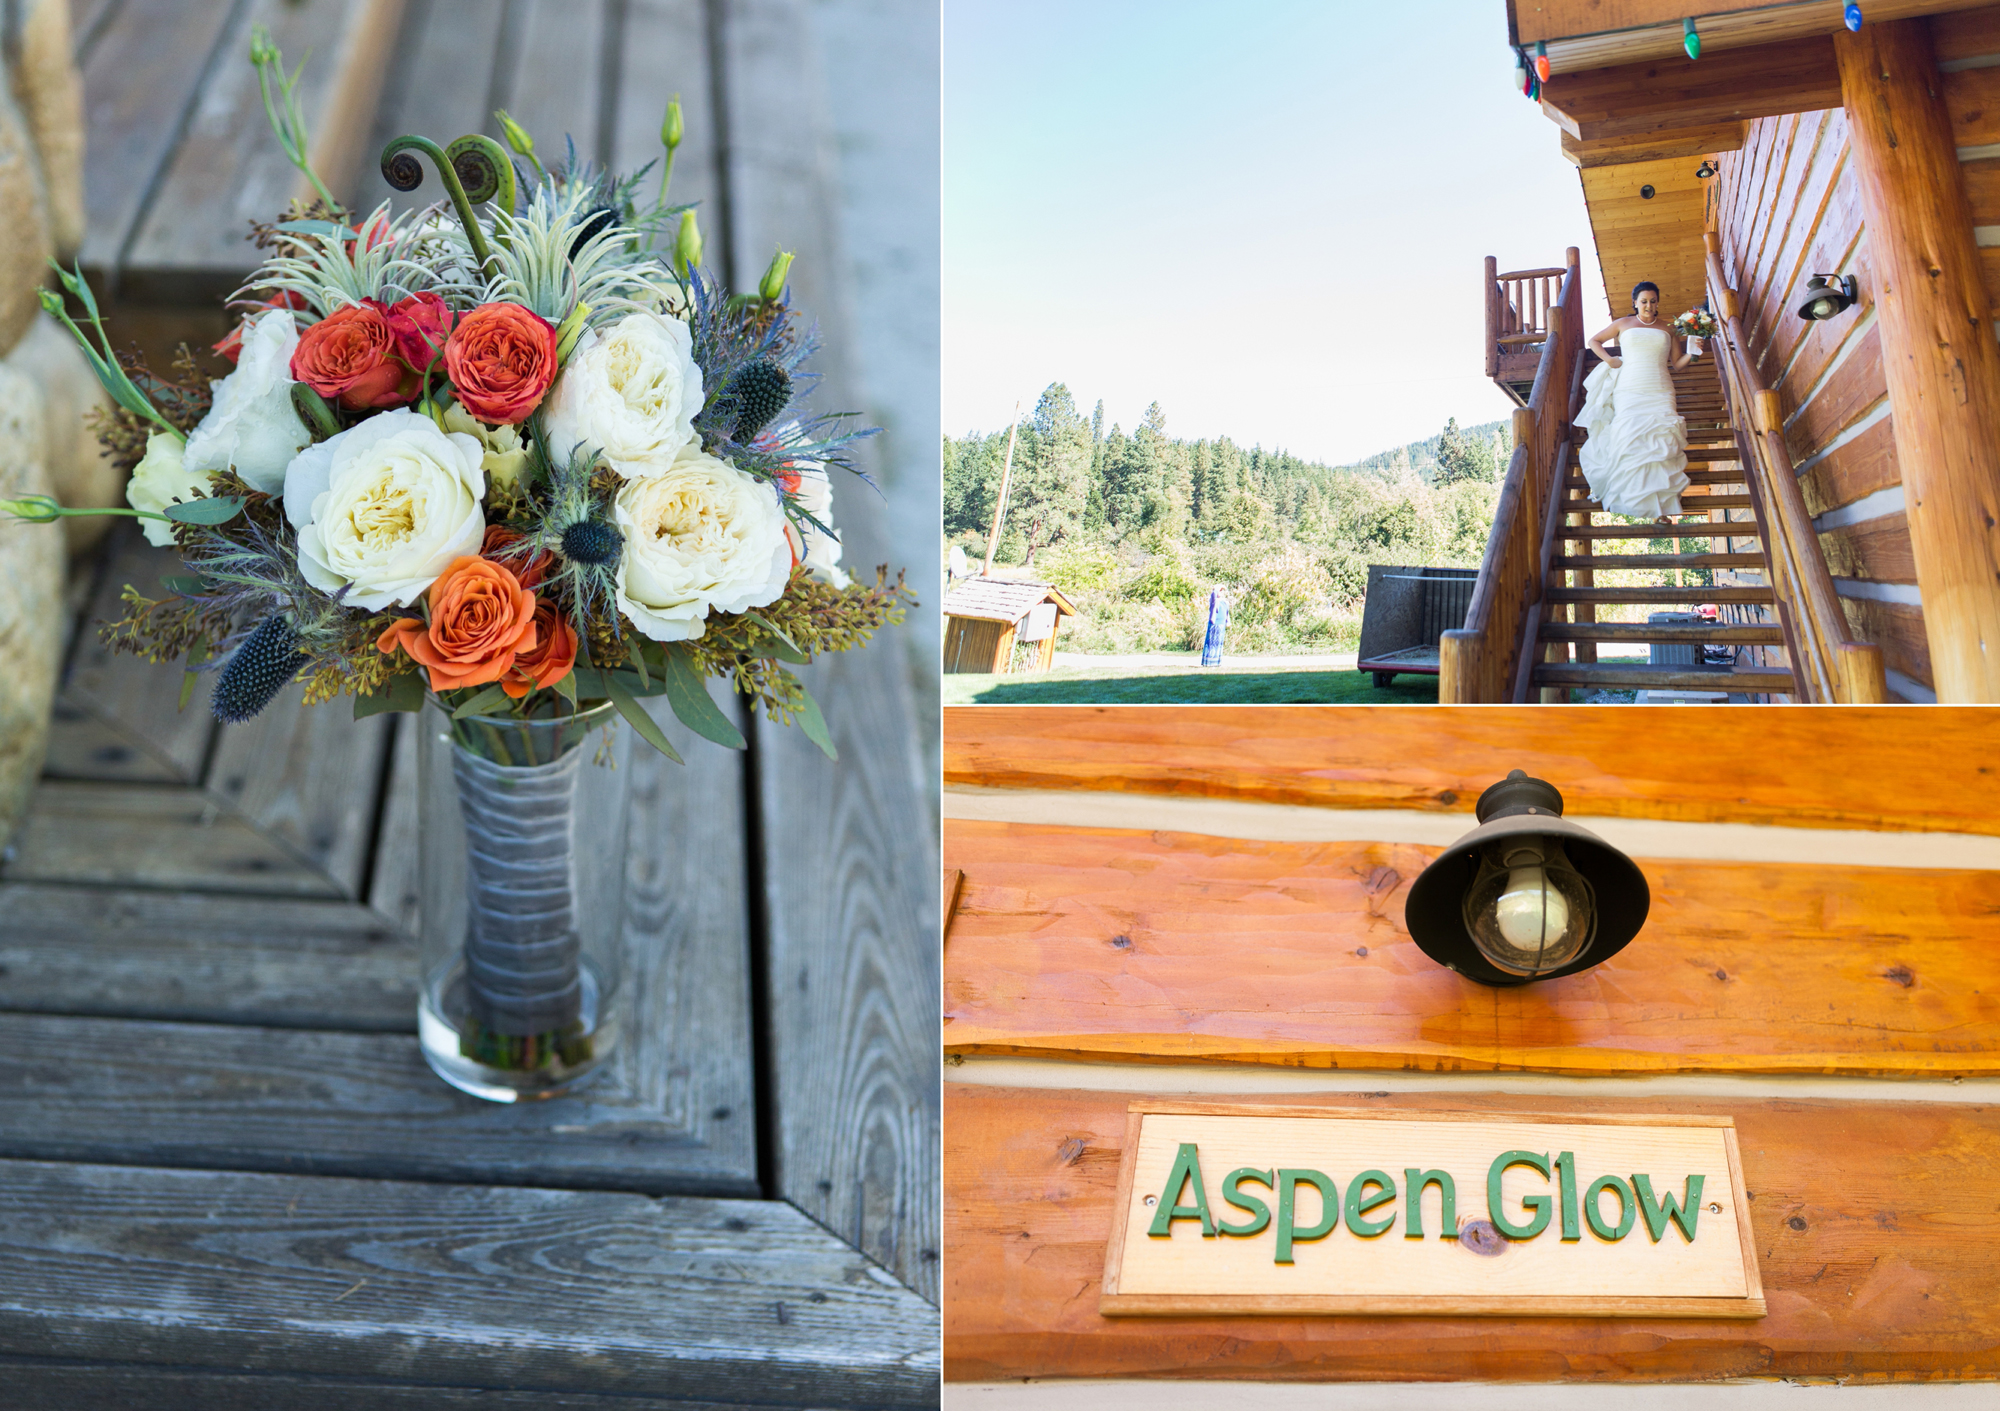 ashley vos photography seattle tacoma area wedding photographer_0800.jpg